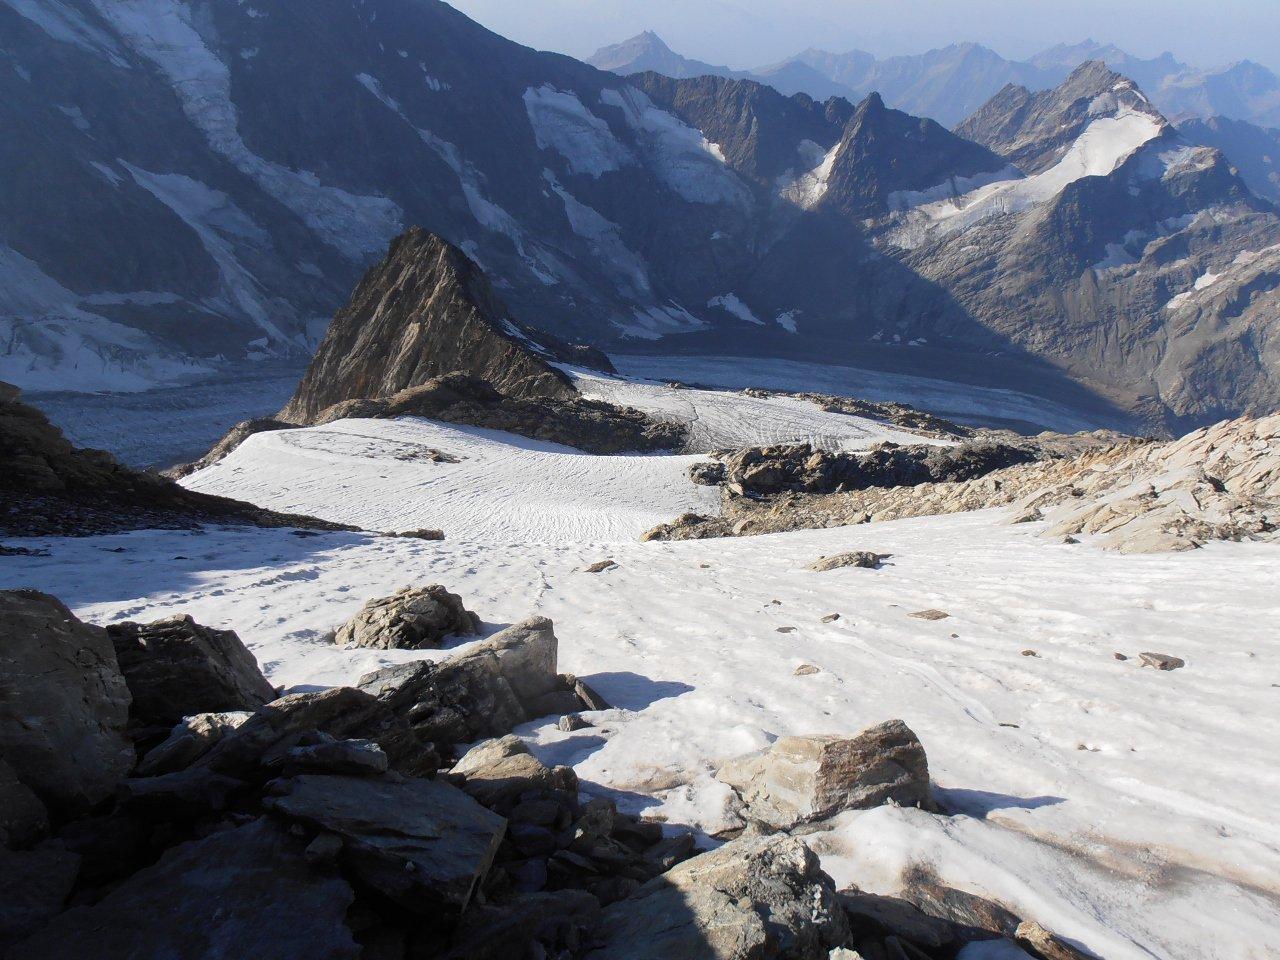 15 - fine del ghiacciaio, inizio delle roccette